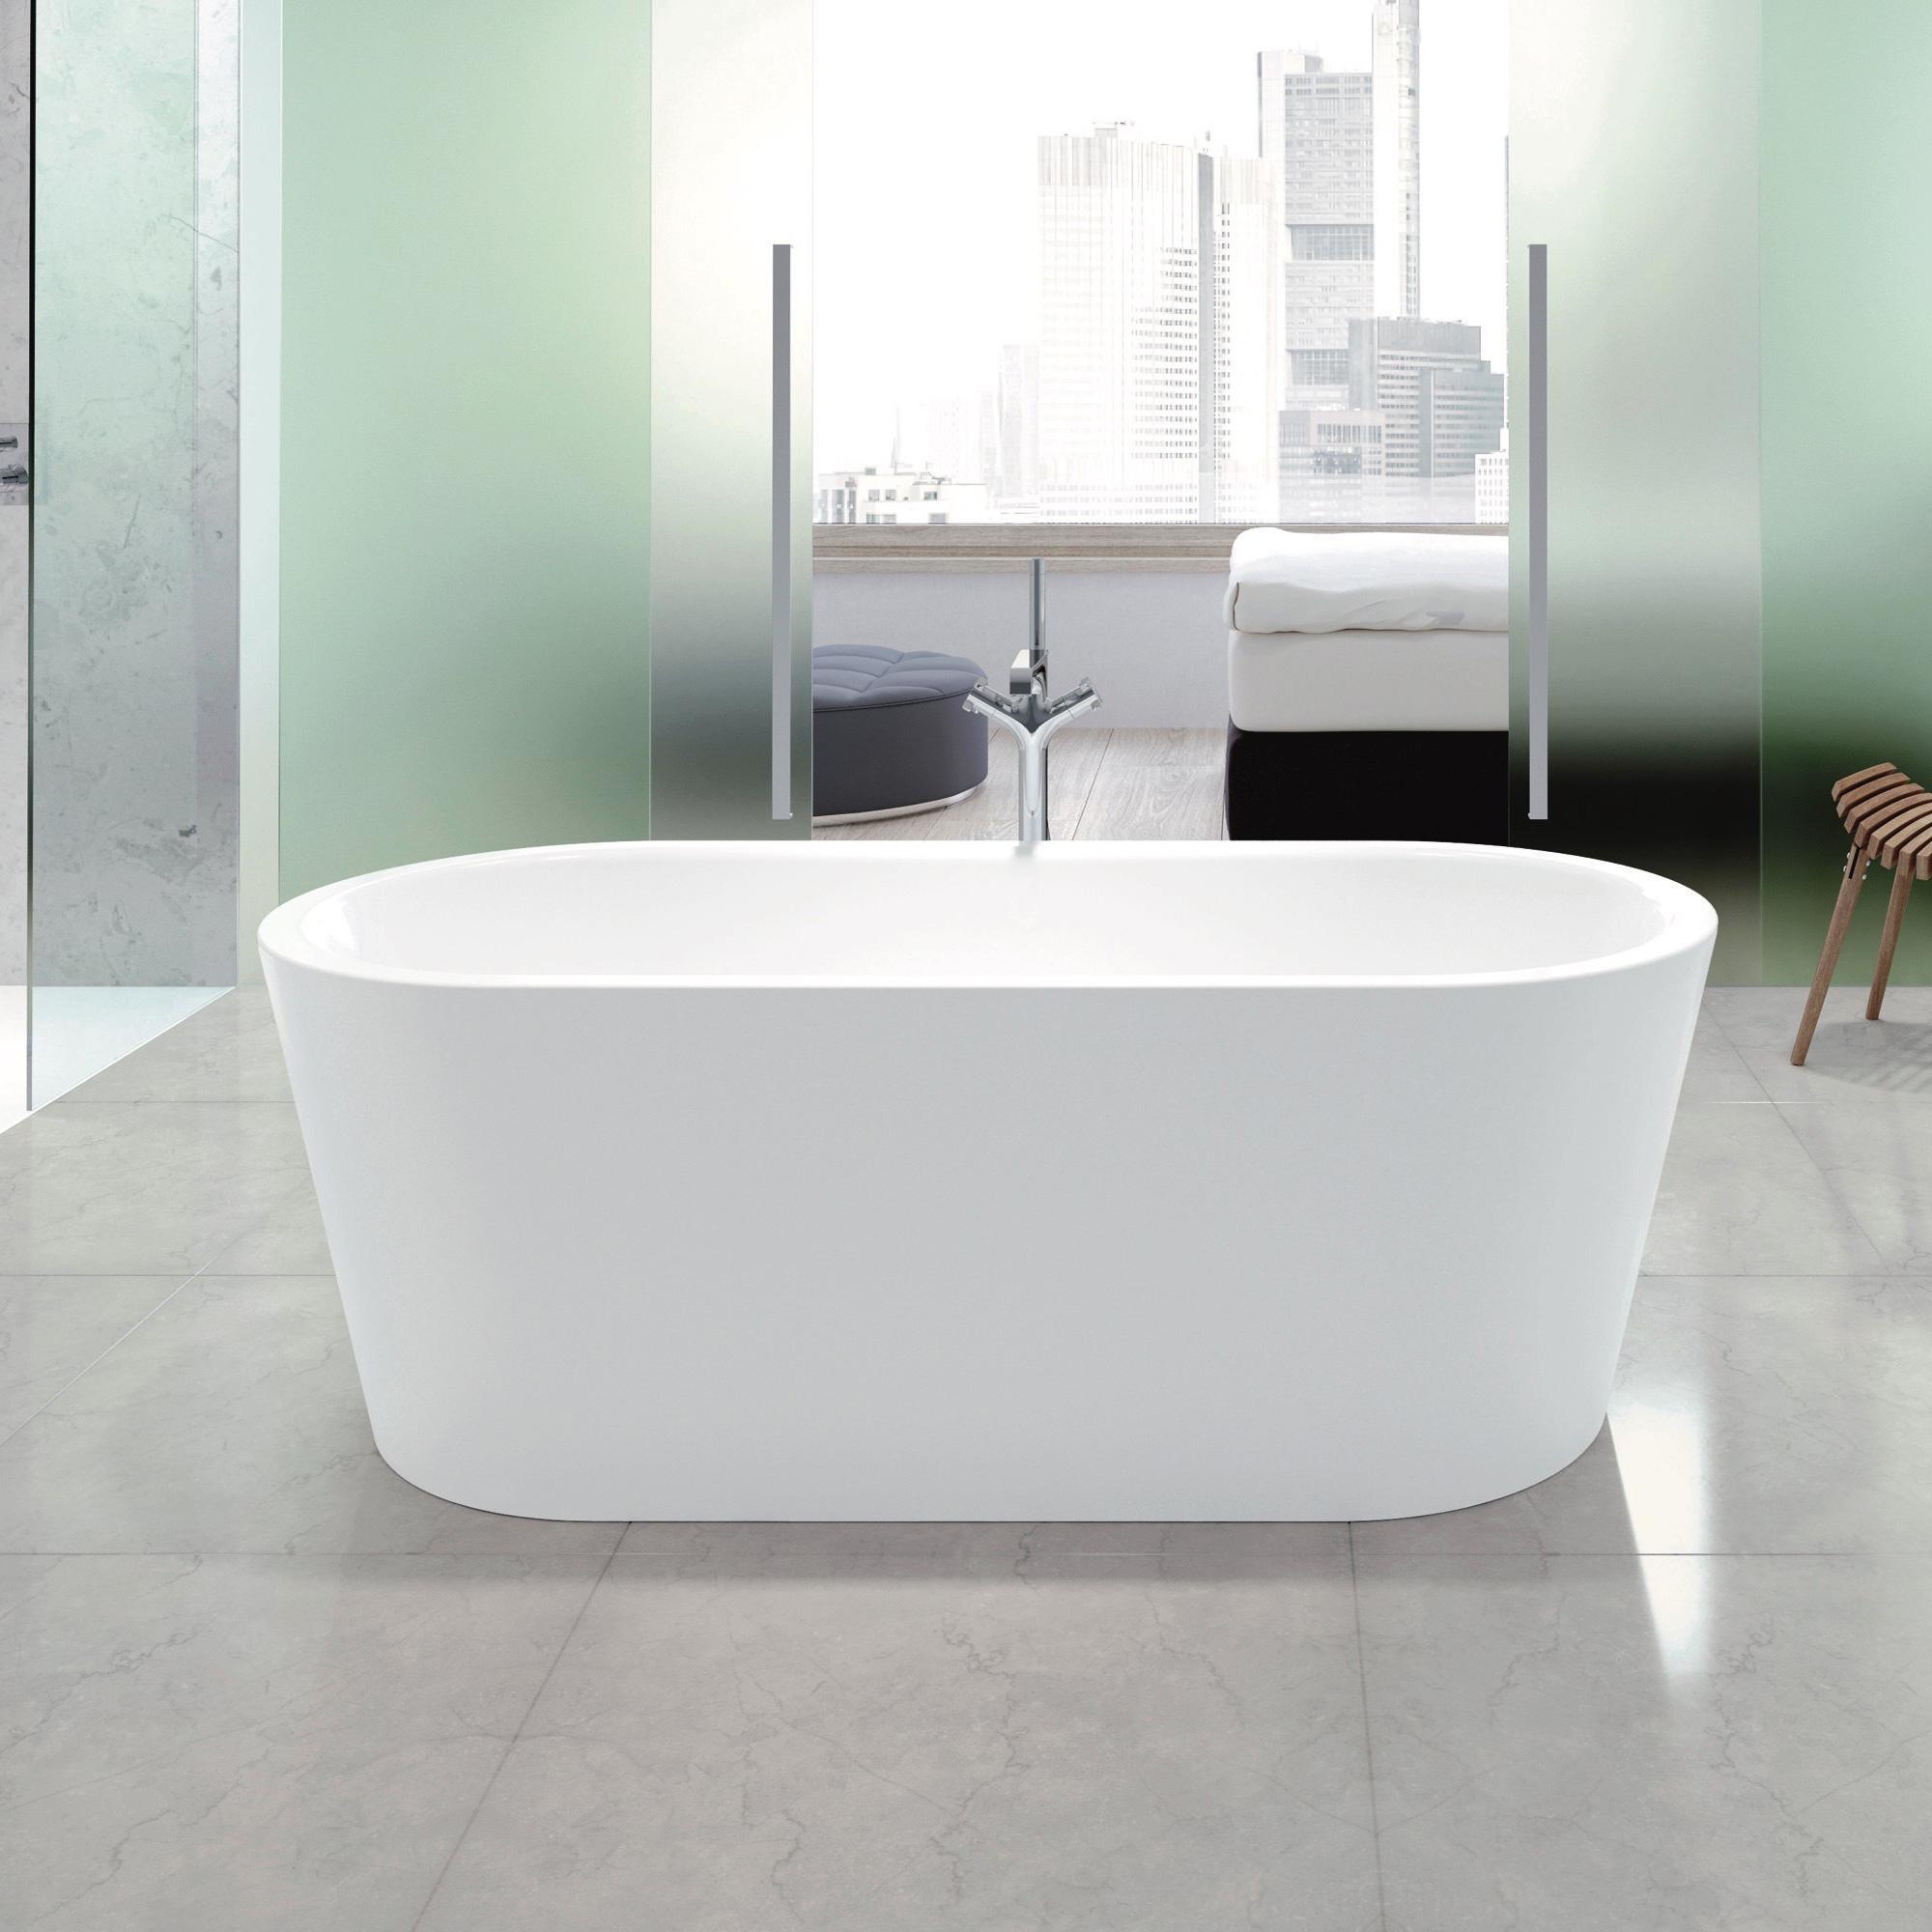 Kaldewei Meisterstück Classic Duo Oval Freistehende Oval Badewanne weiß,  ohne Ablaufgarnitur